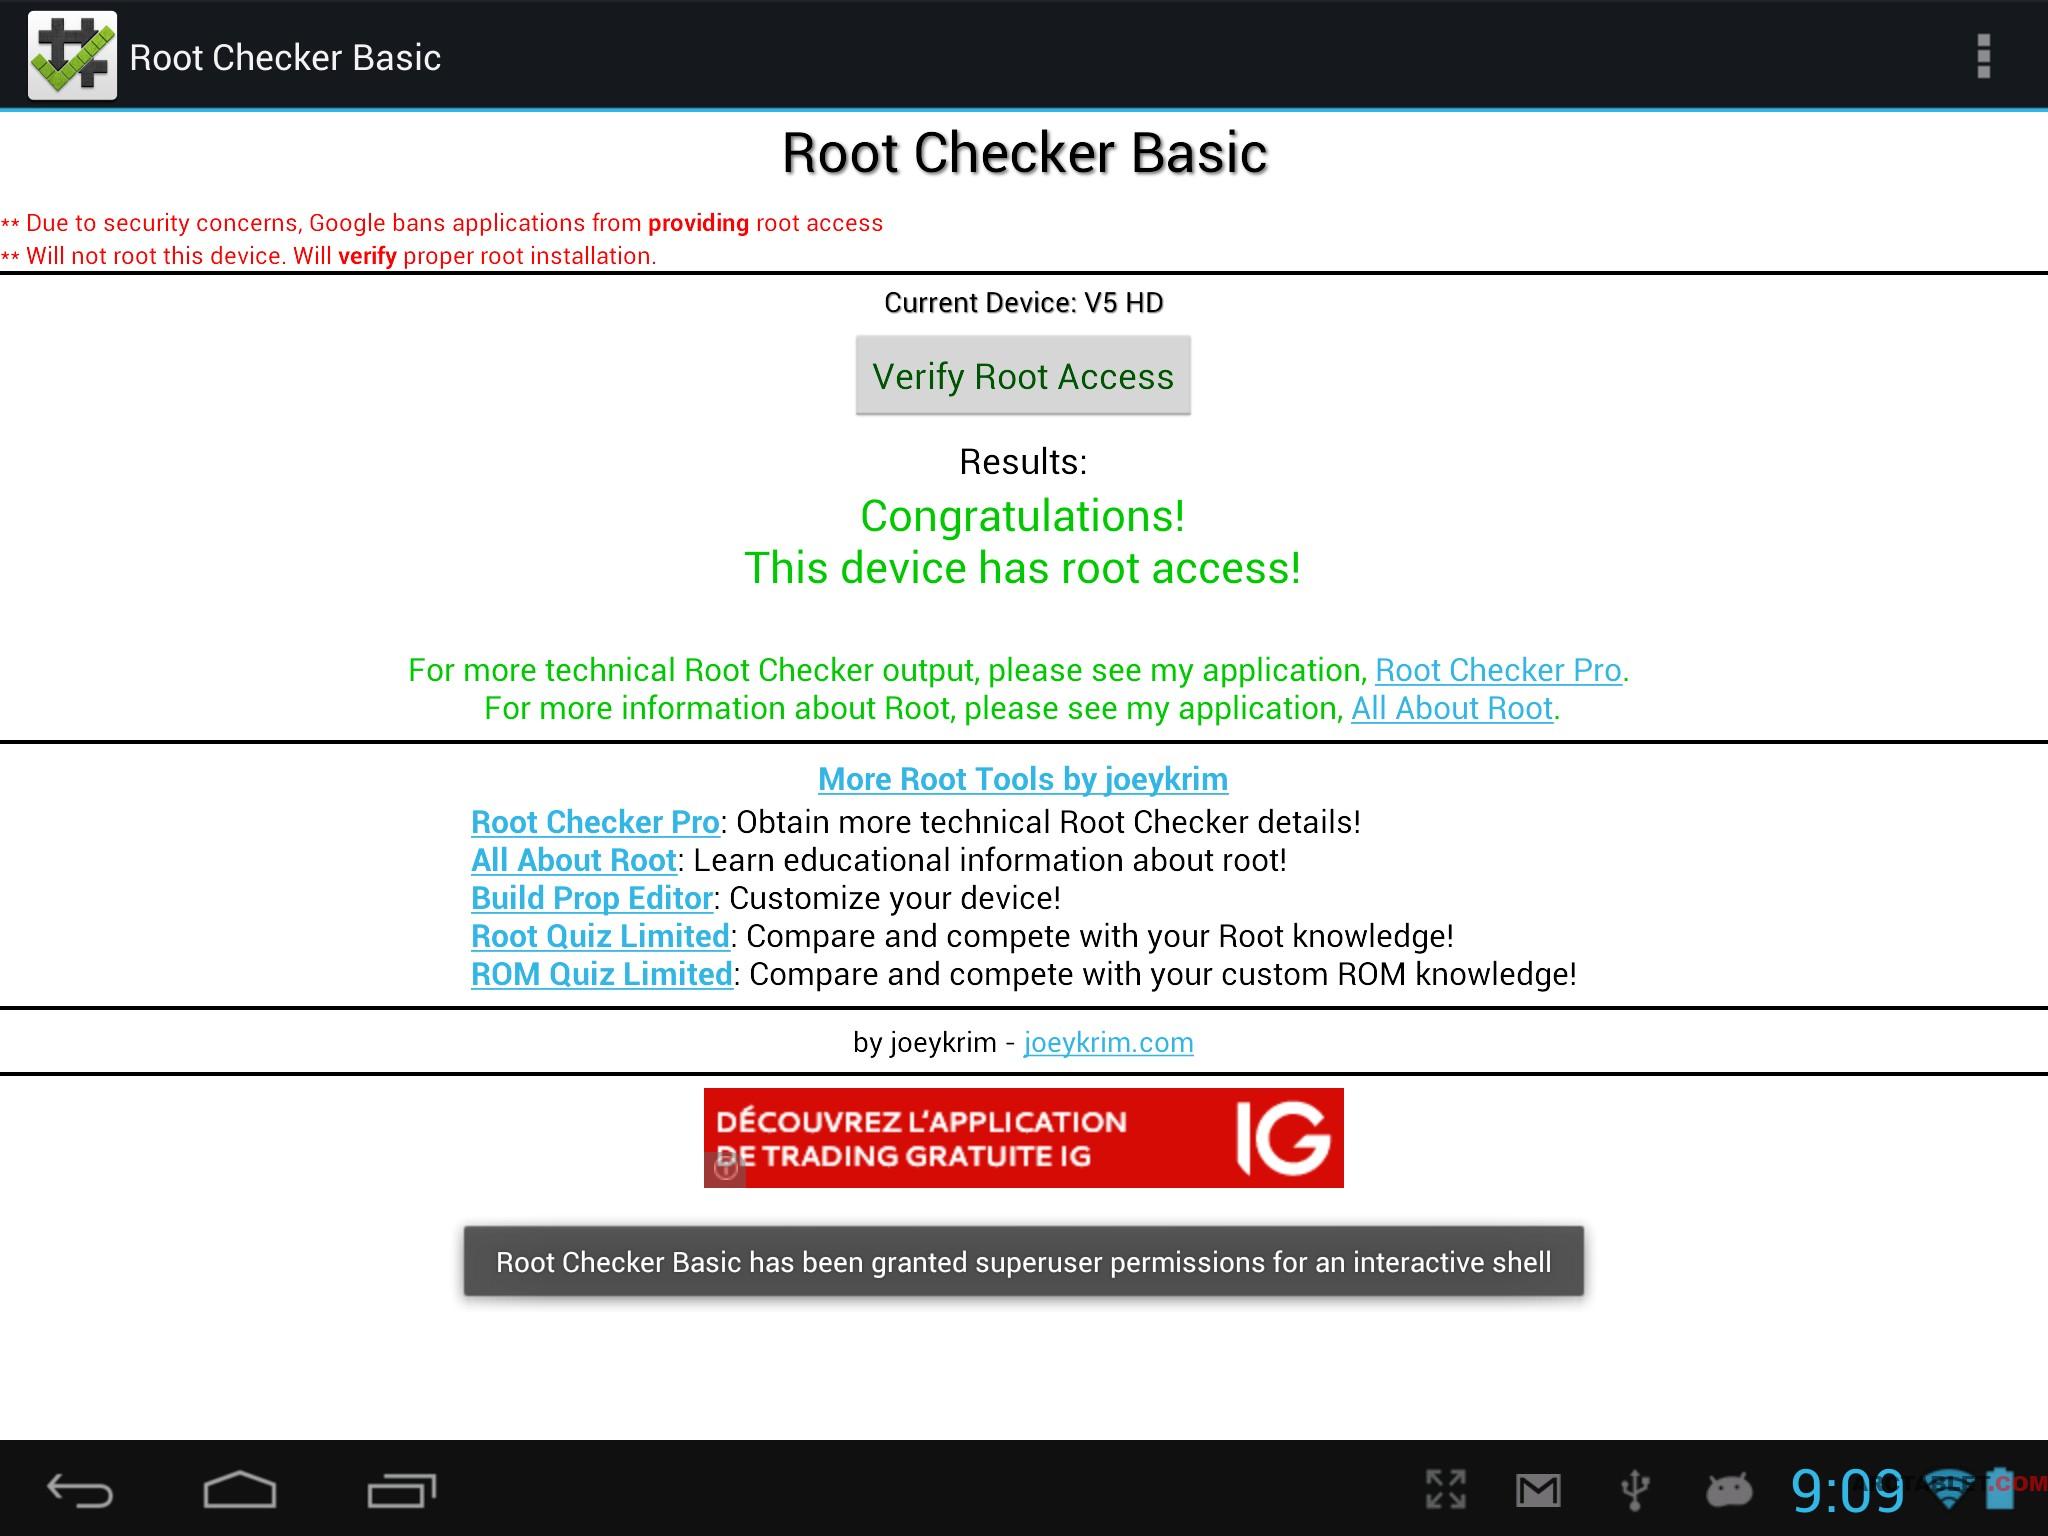 CUBE_U9GT5-VISTURE_V5HD_20130412_root.png